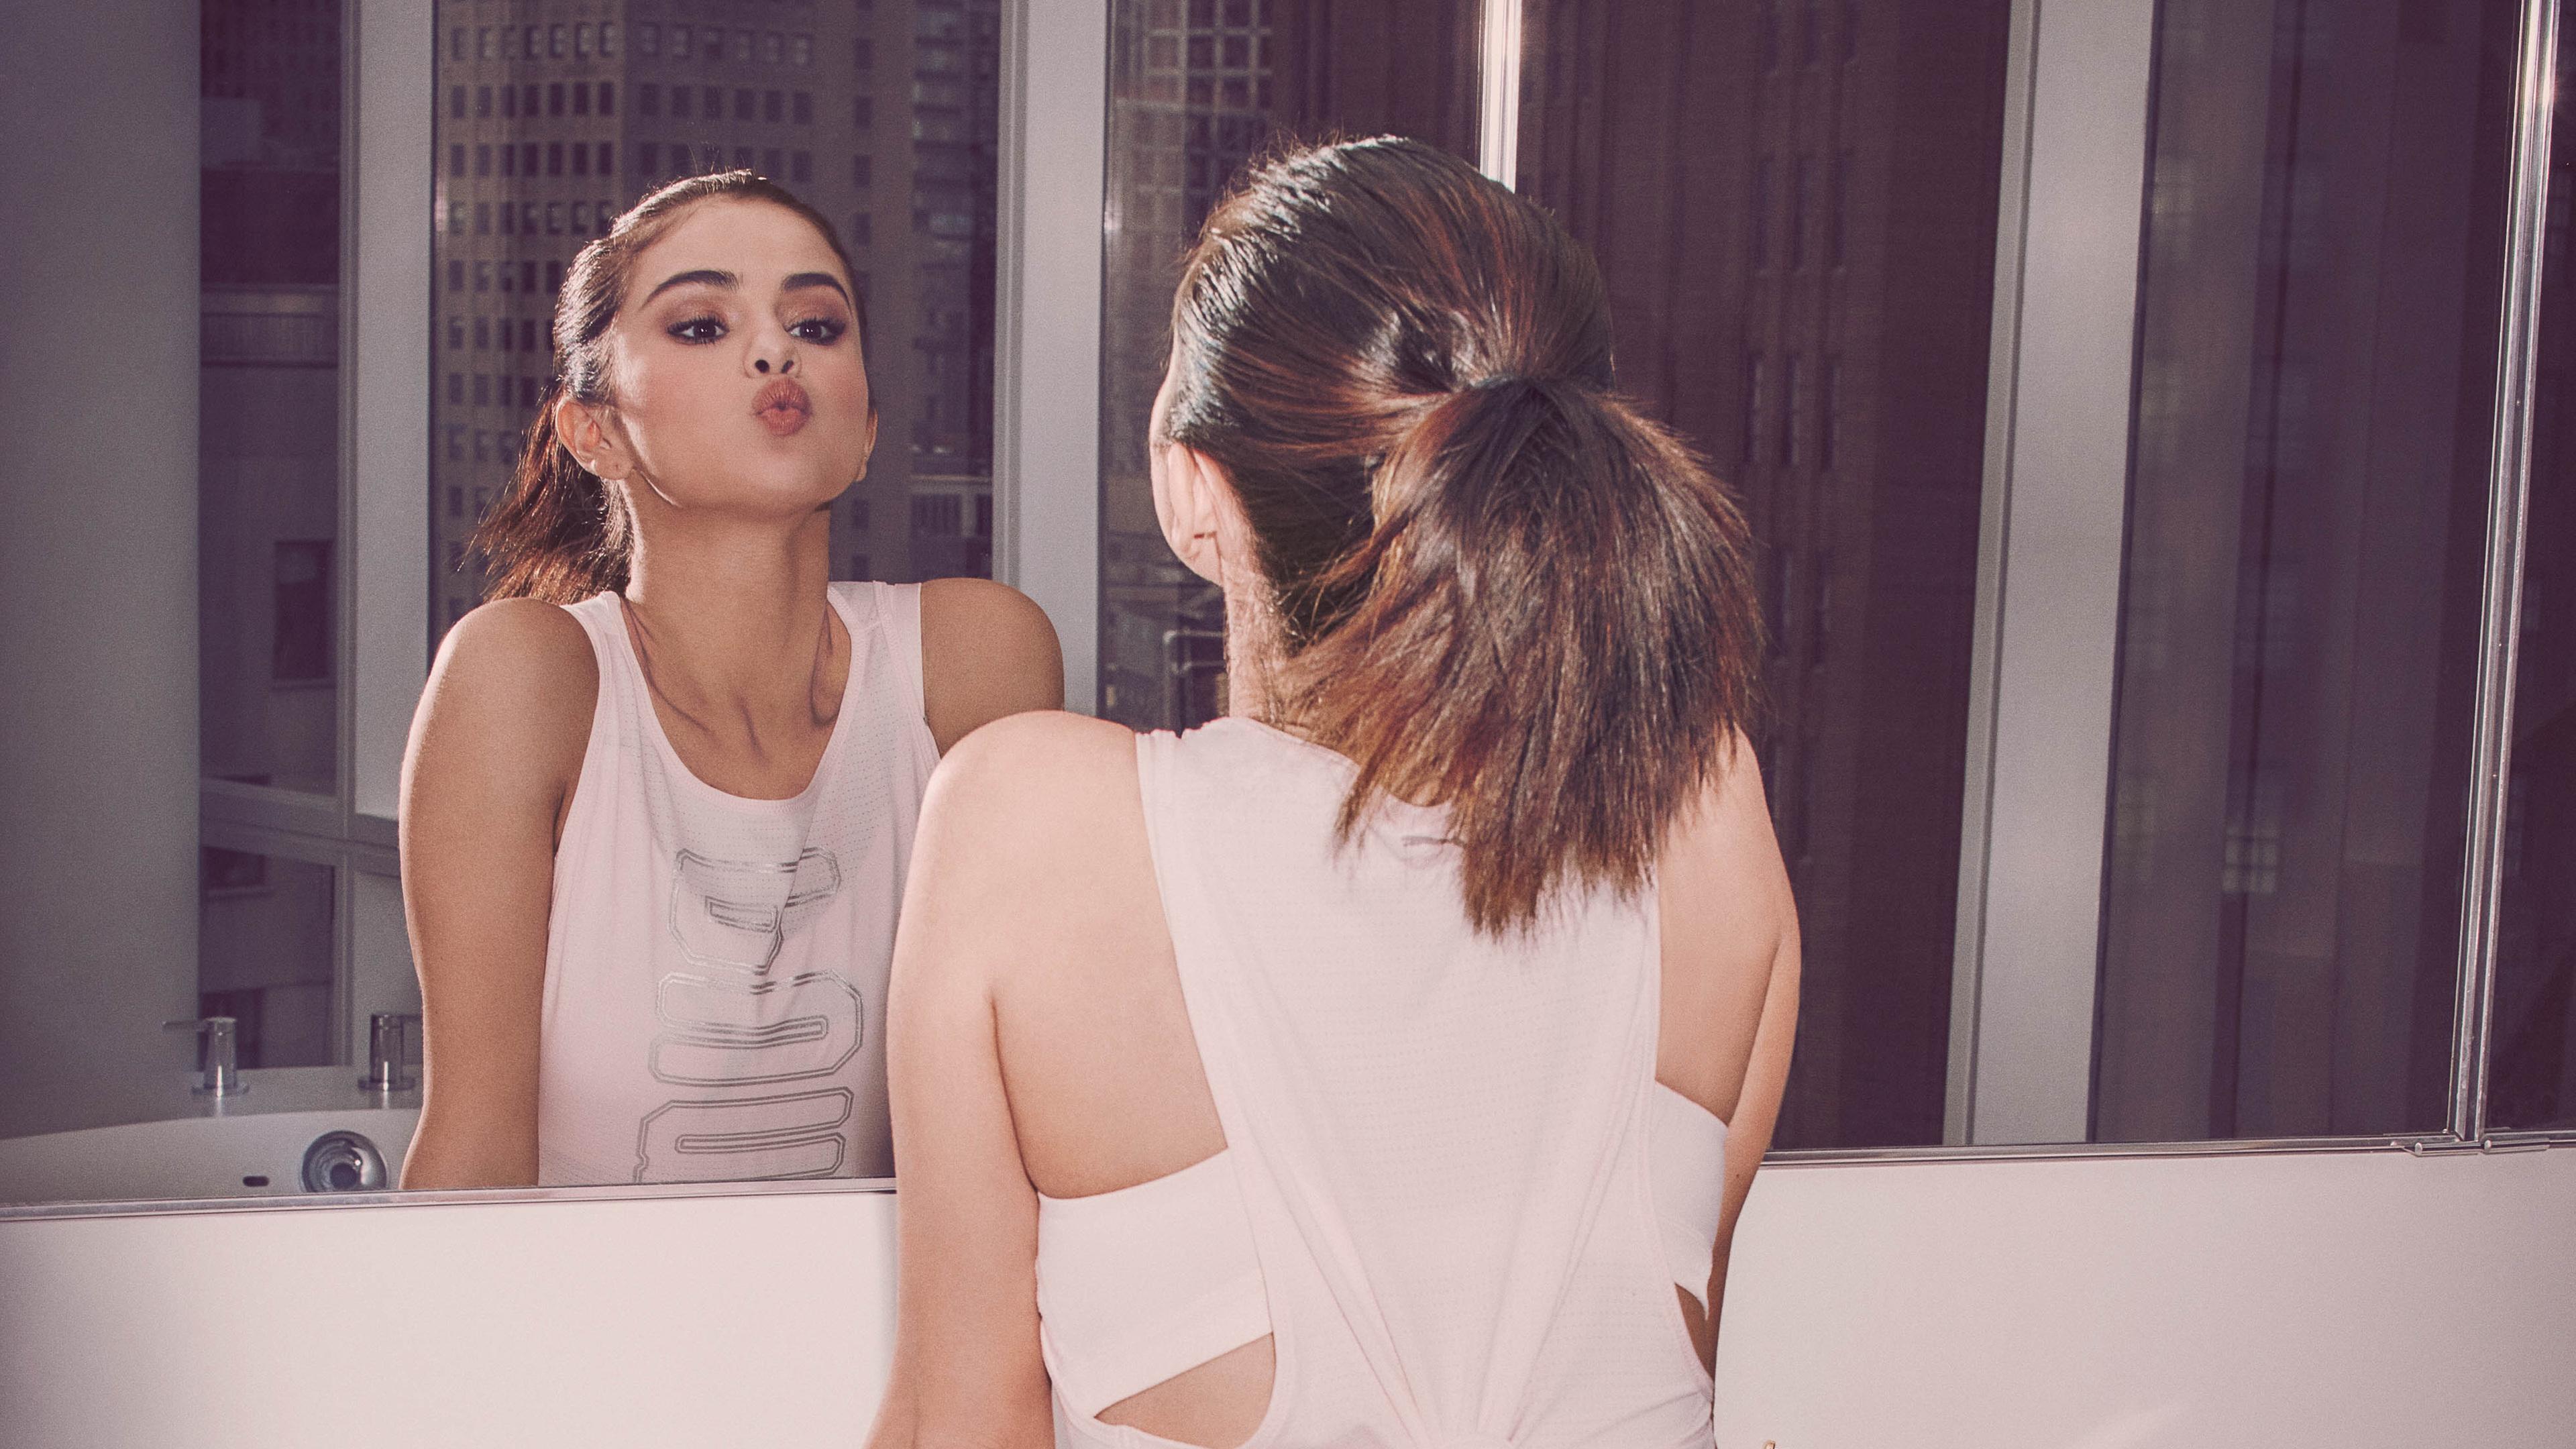 2019 selena gomez puma 1536863047 - 2019 Selena Gomez Puma - selena gomez wallpapers, puma wallpapers, music wallpapers, hd-wallpapers, girls wallpapers, celebrities wallpapers, 4k-wallpapers